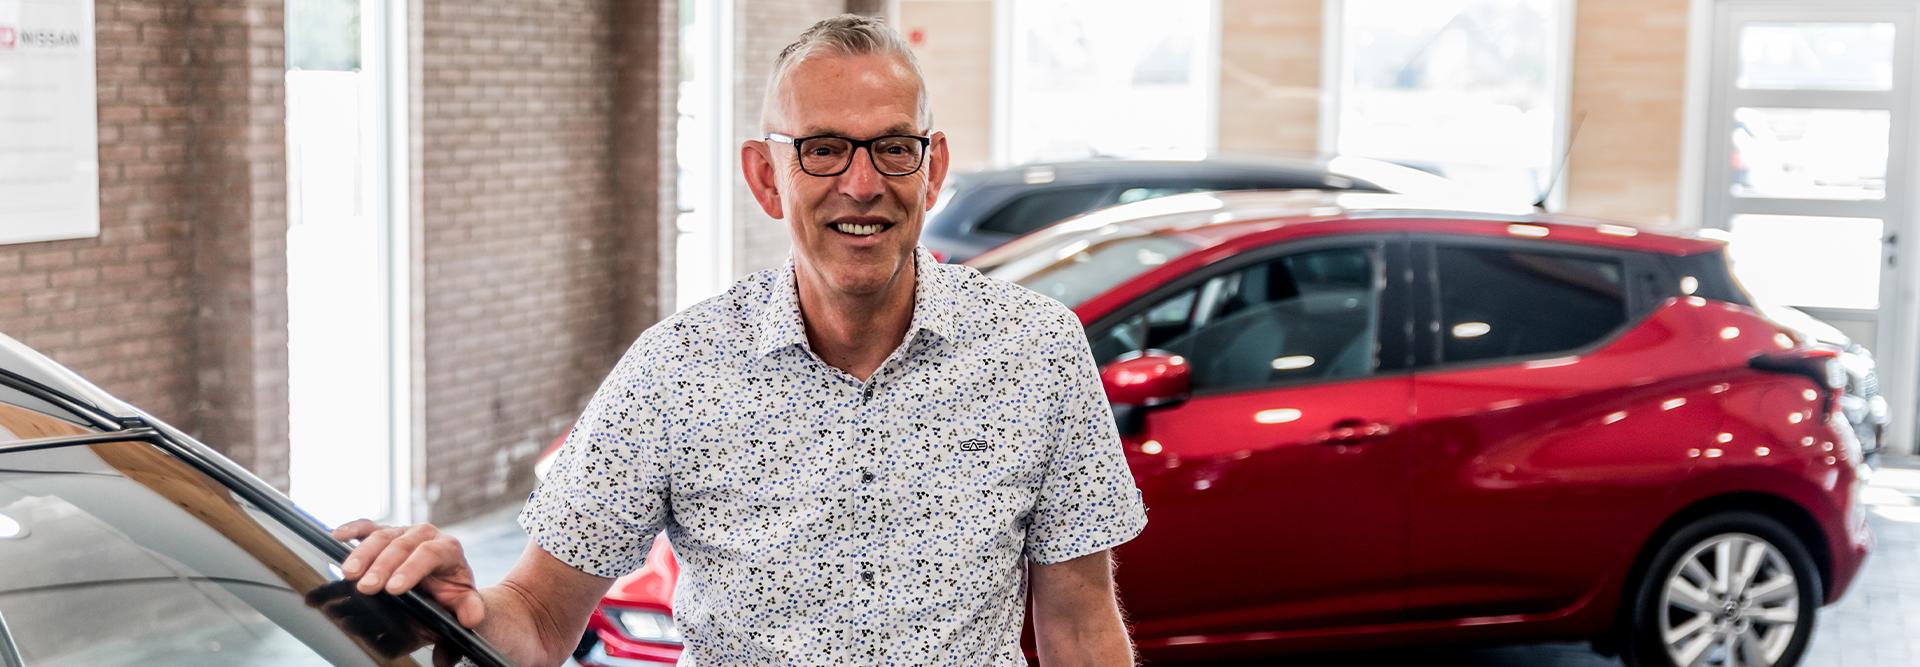 verkoop autoberijf Den Hartogh